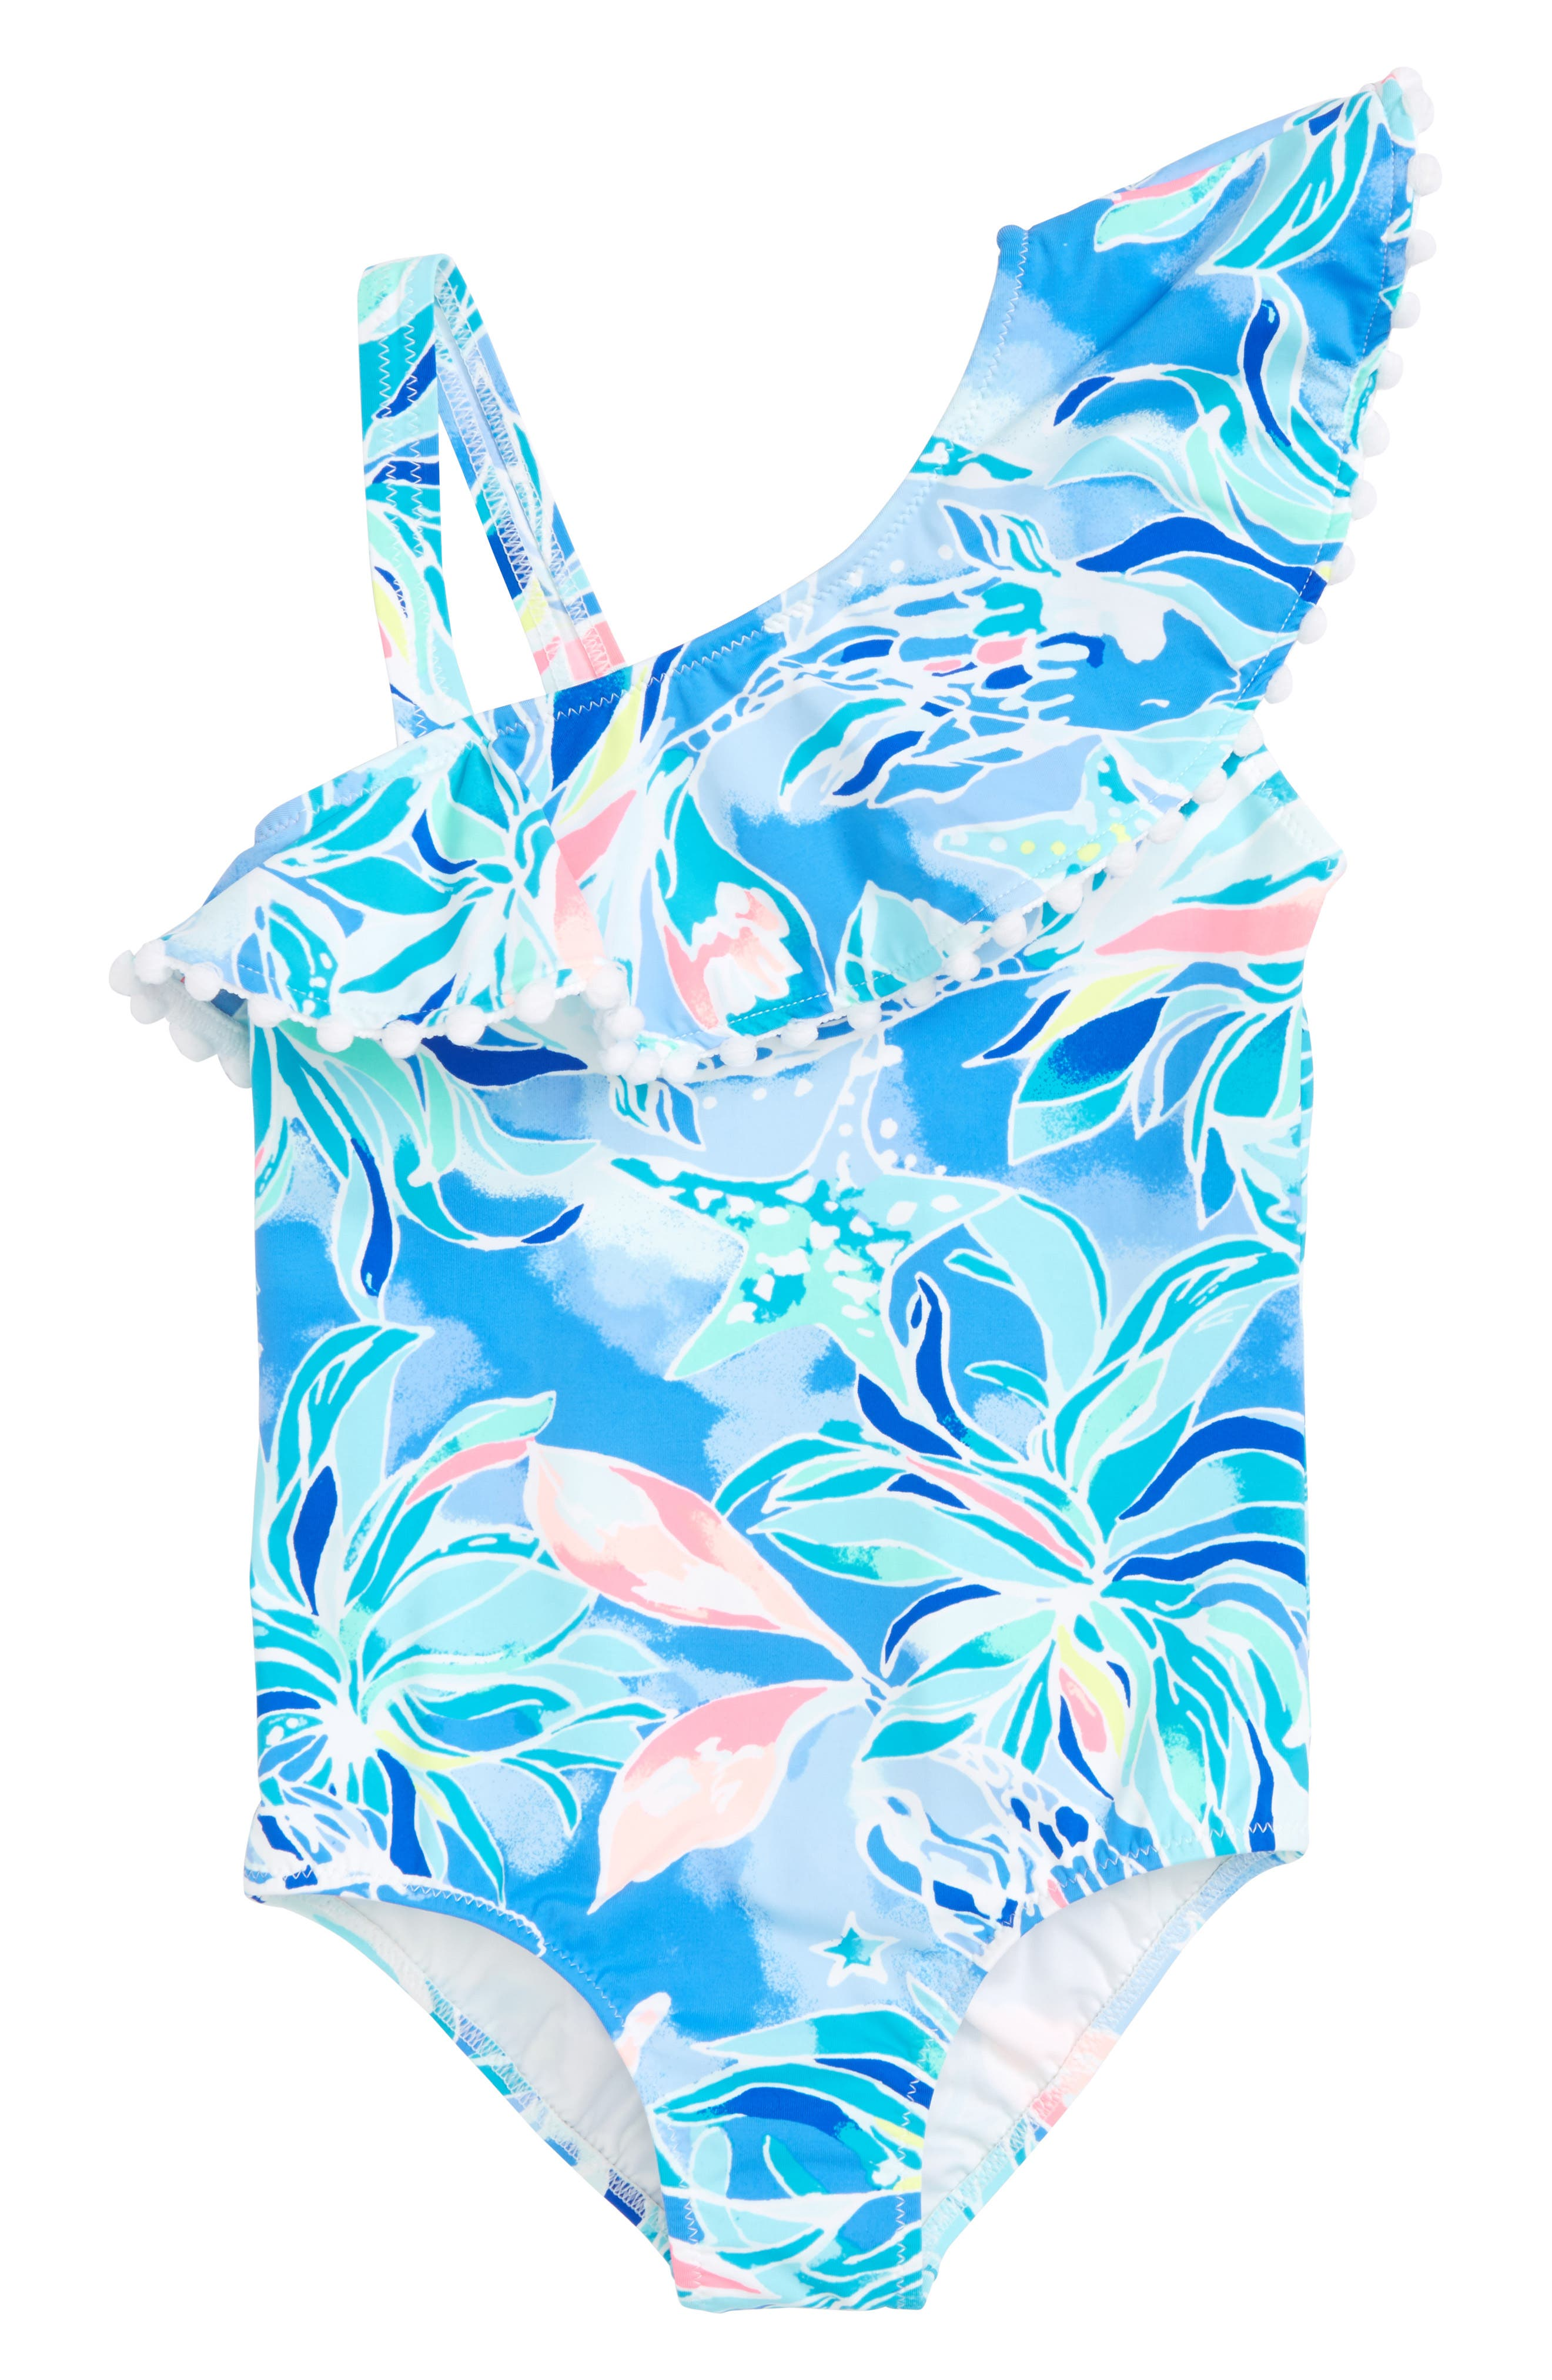 Joni Ruffle One-Piece Swimsuit,                         Main,                         color, Bennet Blue Celestial Seas